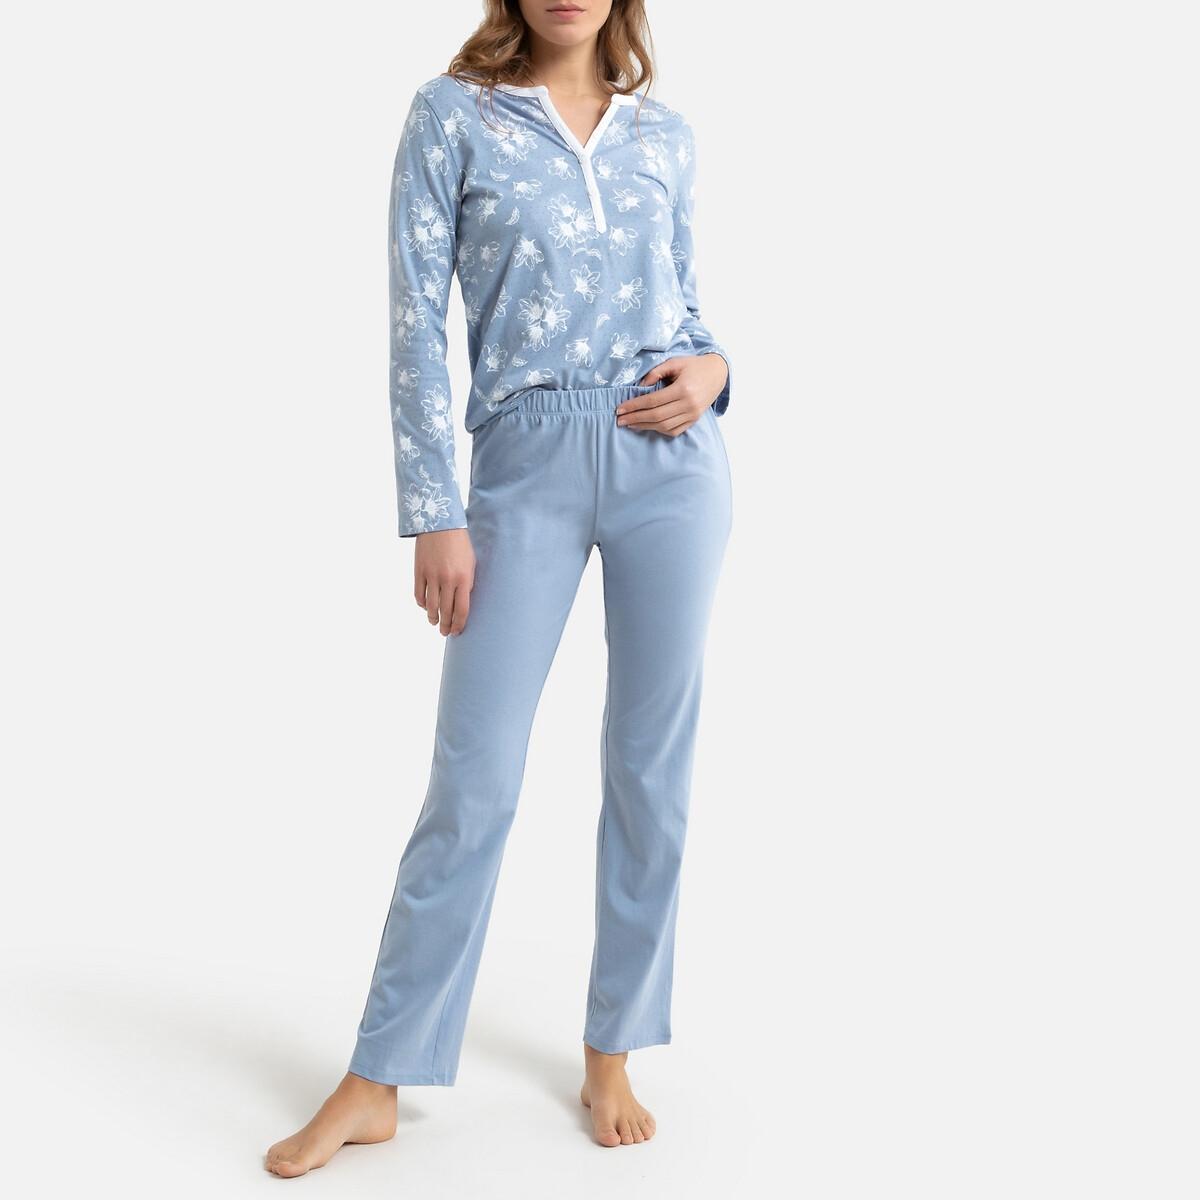 Pijama em malha puro algodão, camisola estampada às flores